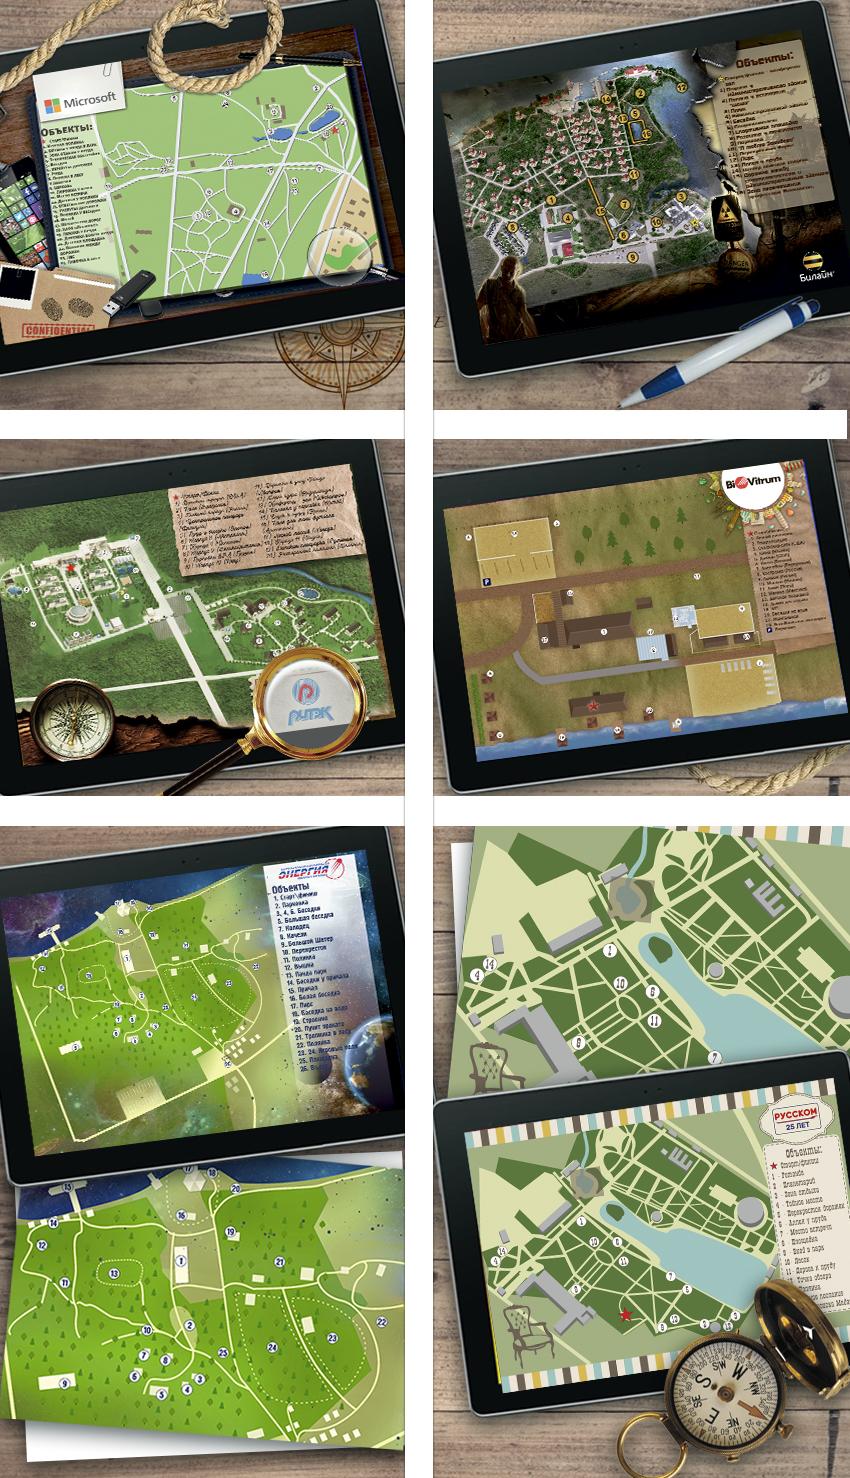 1 Картография. Разработка Карт. Дизайн карт . Отрисовка местности. Ориентирование